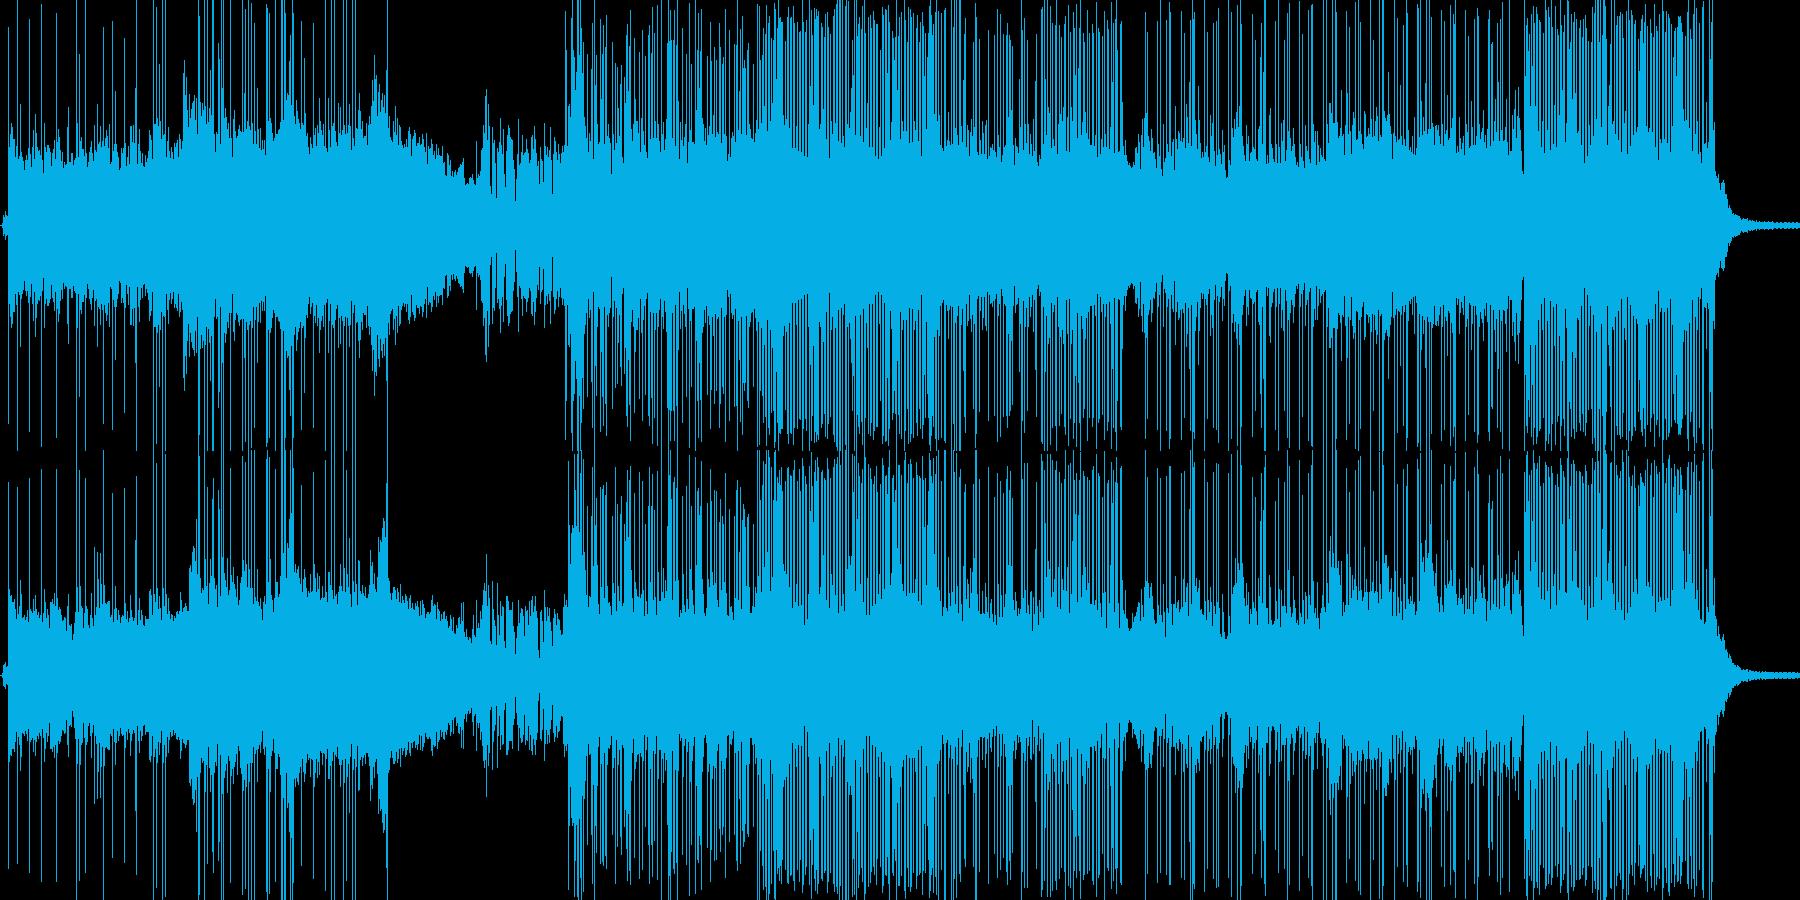 ギター控えめな和風ロック/メタルの再生済みの波形